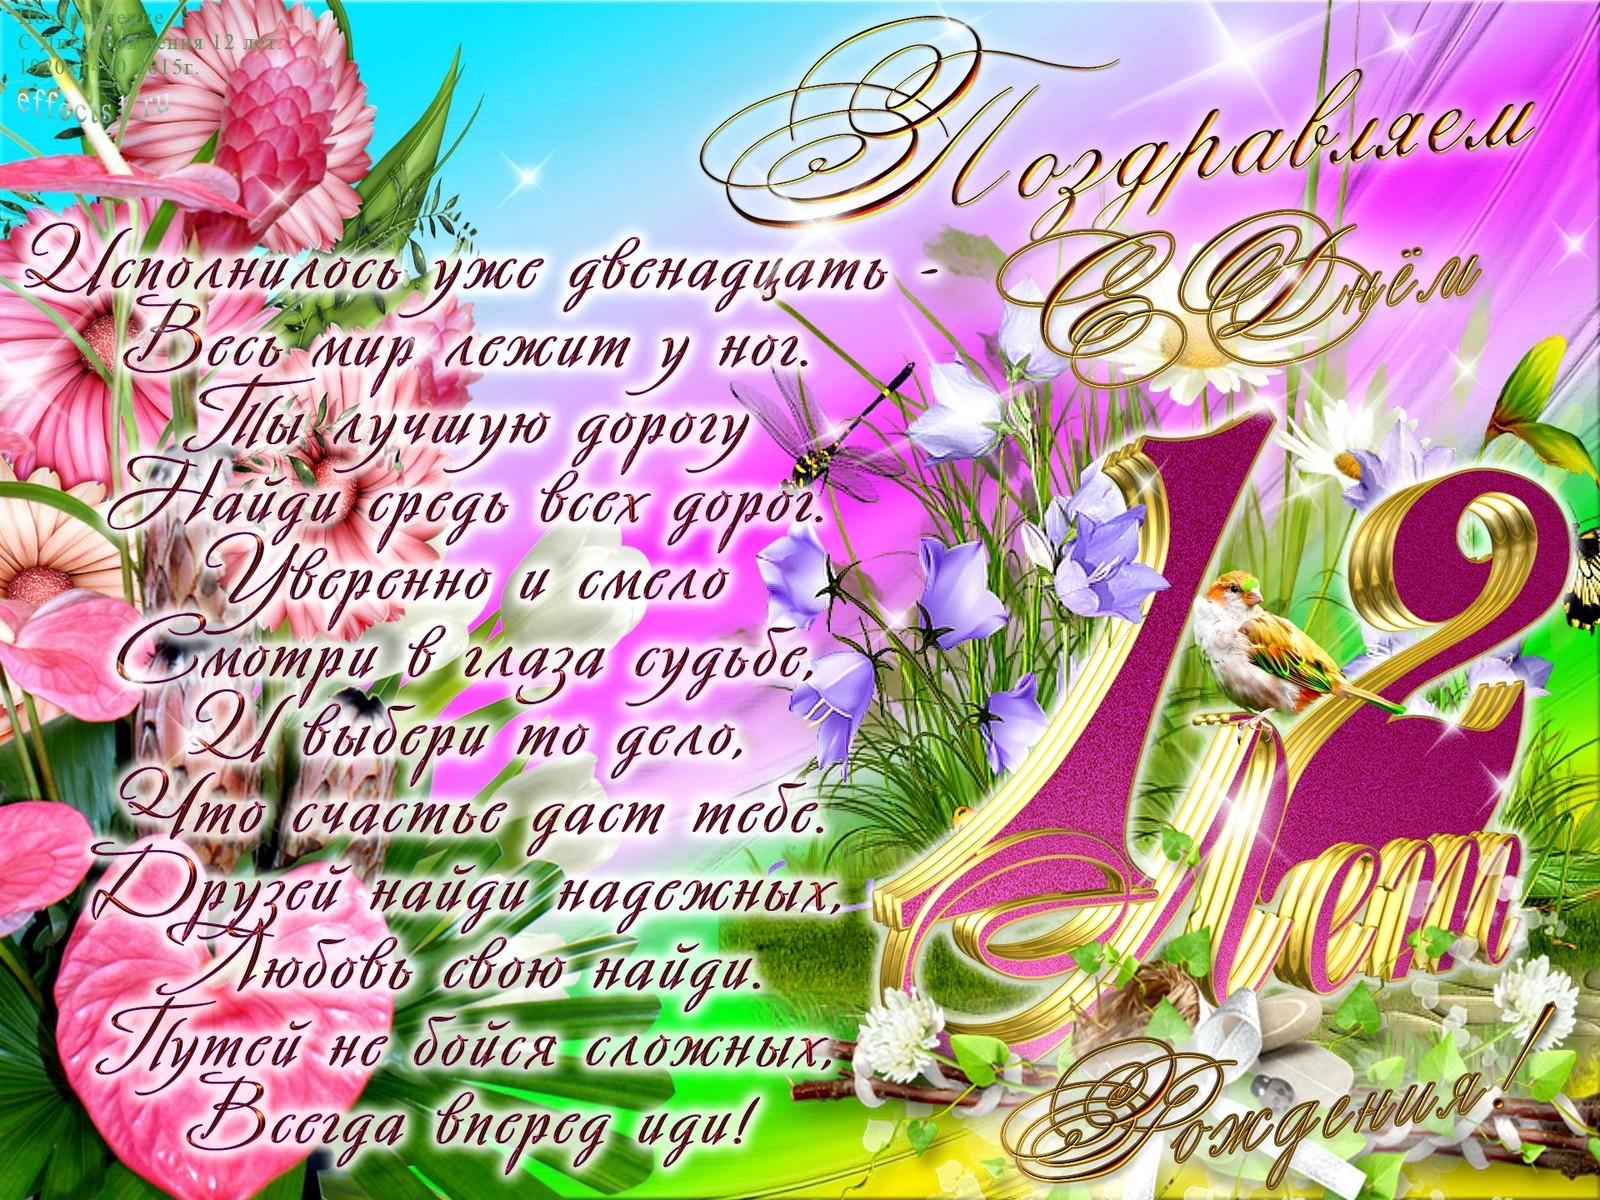 Поздравление с днем рождения дочери подростка от мамы